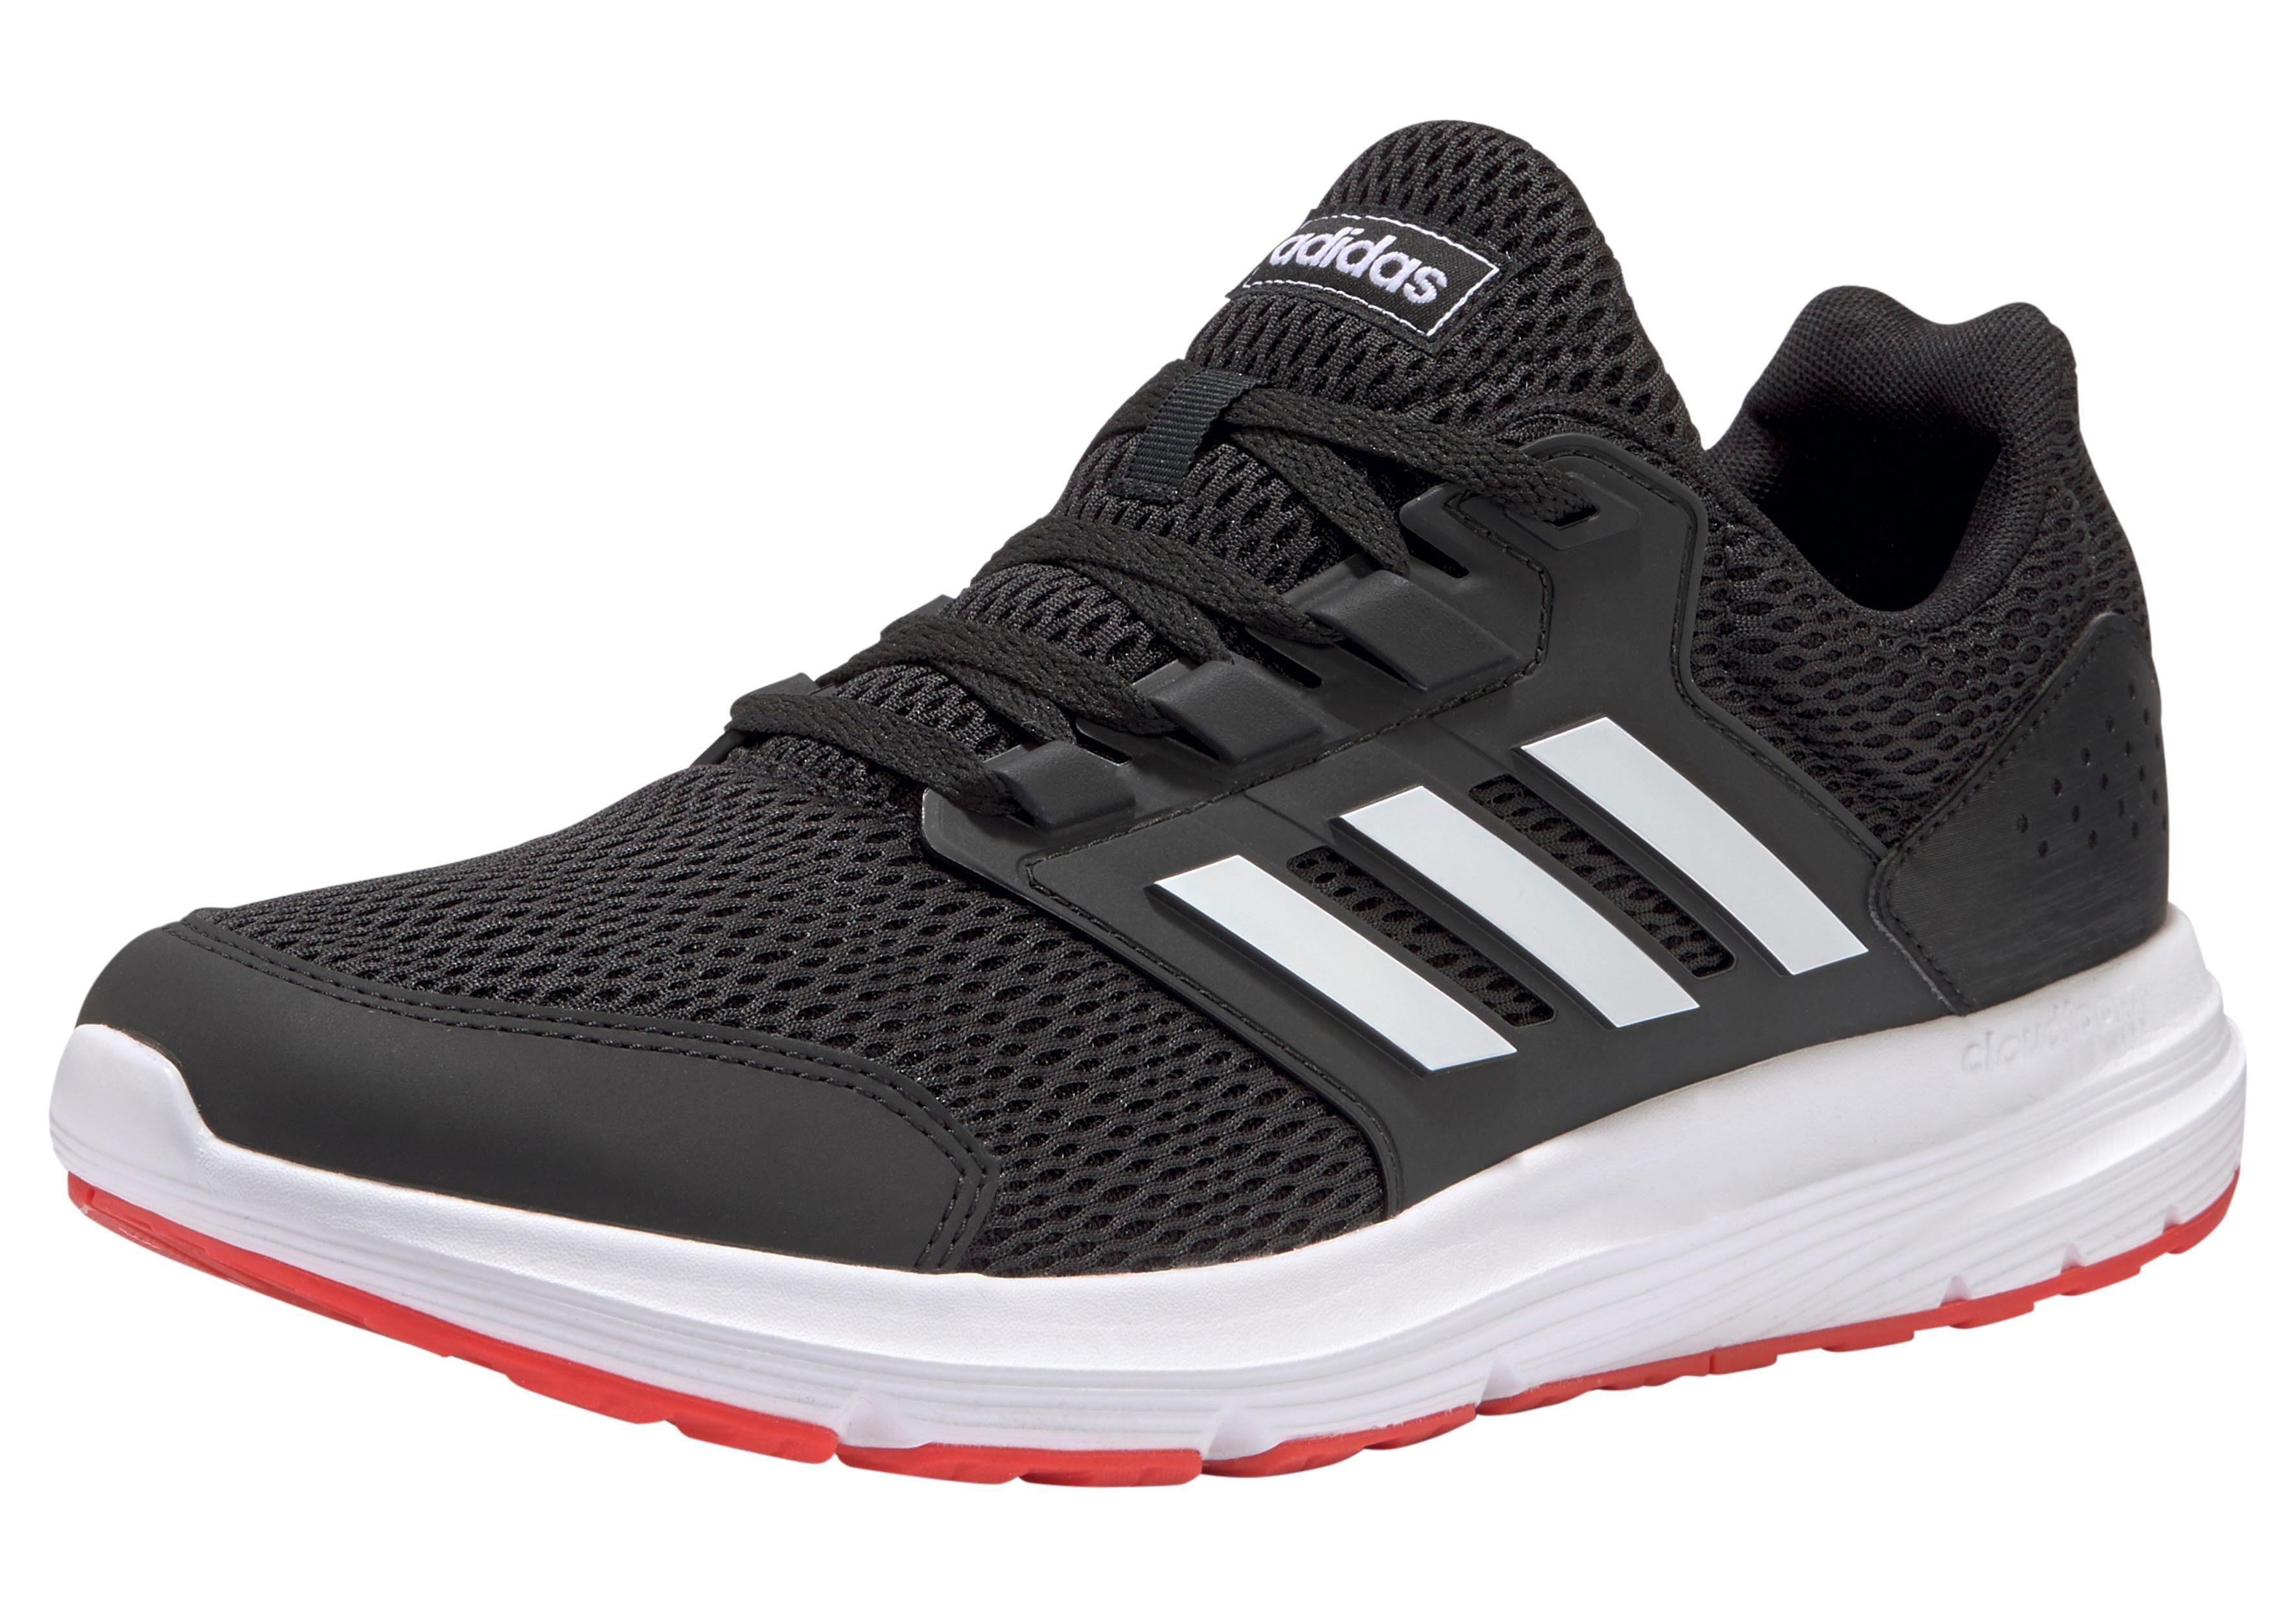 adidas »Galaxy 4« Laufschuh, Leichter Laufschuh von adidas online kaufen   OTTO